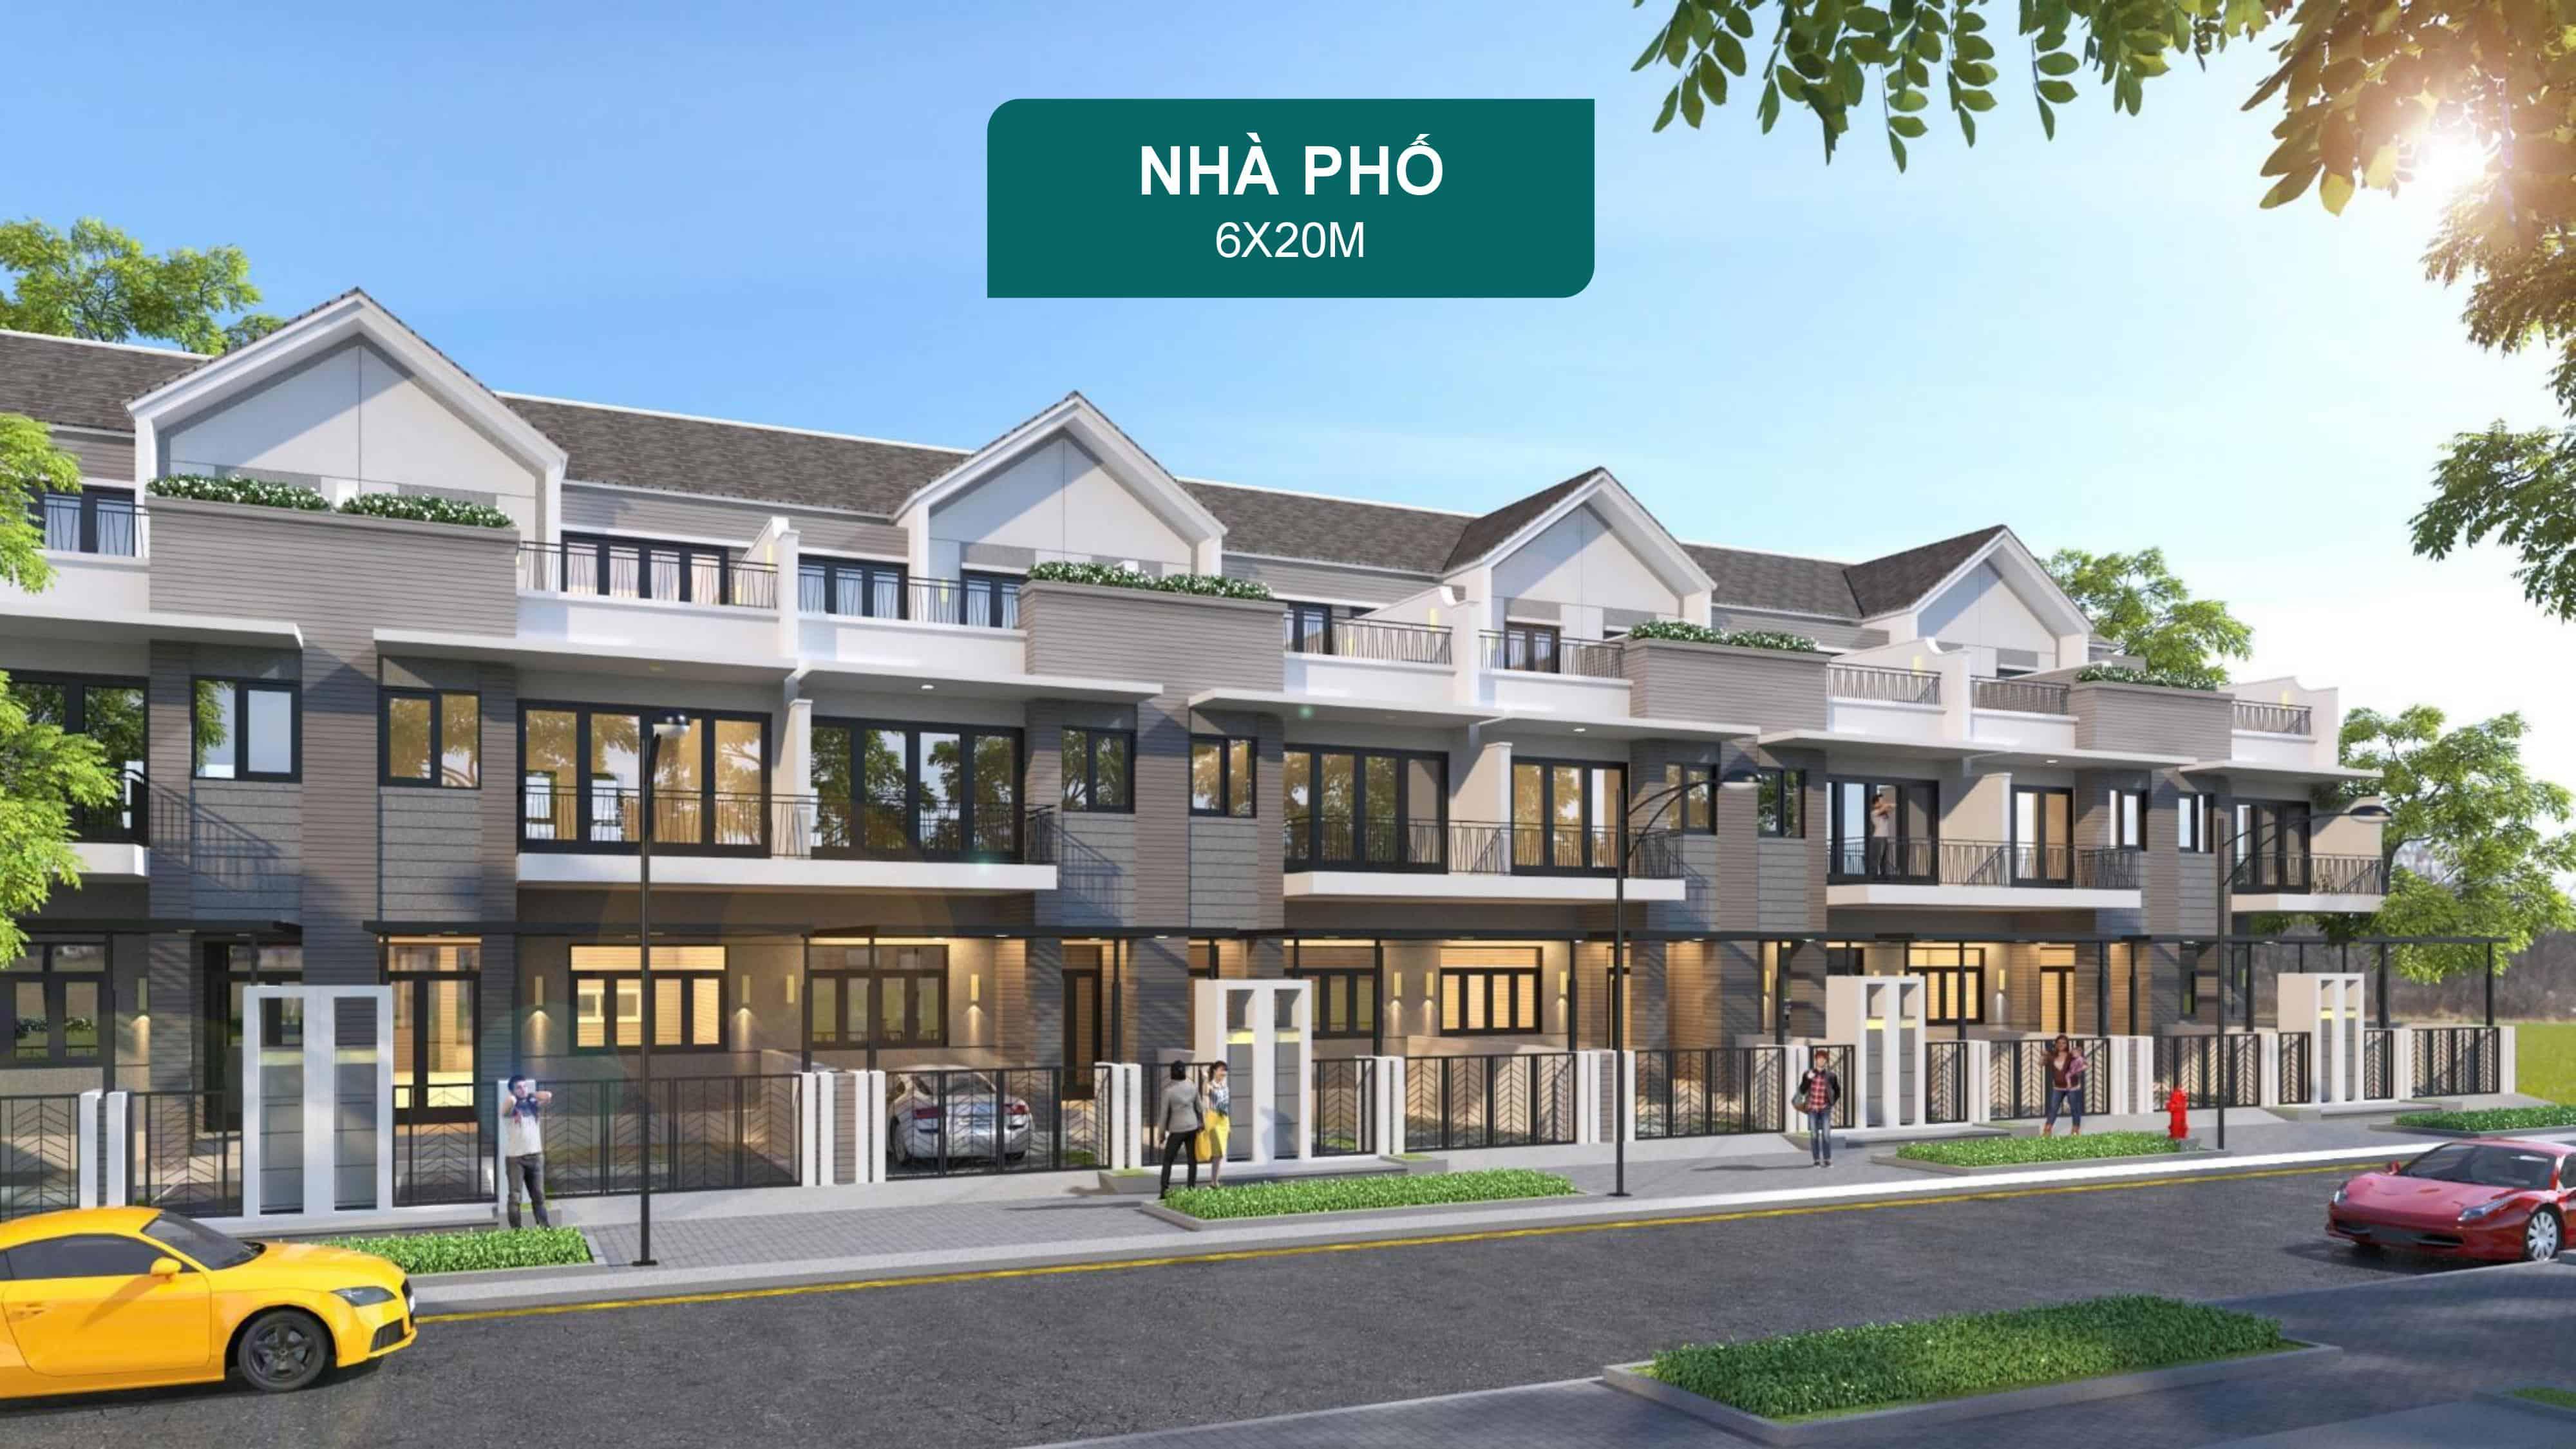 nha-pho-aqua-city-6x20